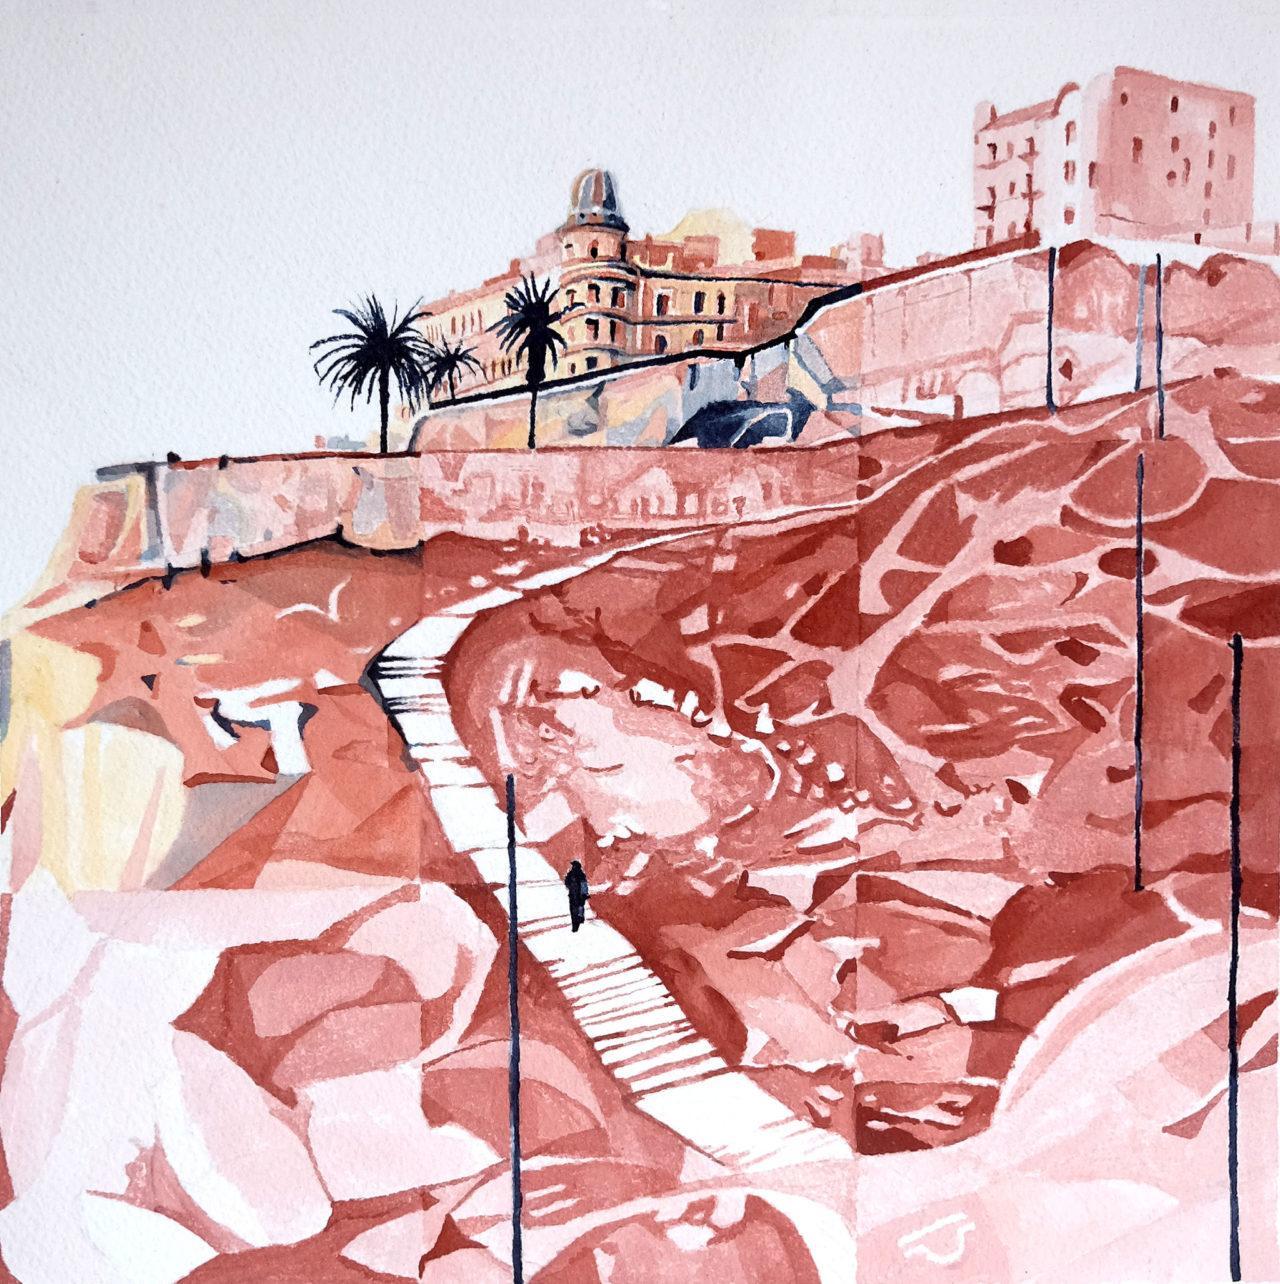 Tarragona 2.0 (2019) - David Carnicer Piña